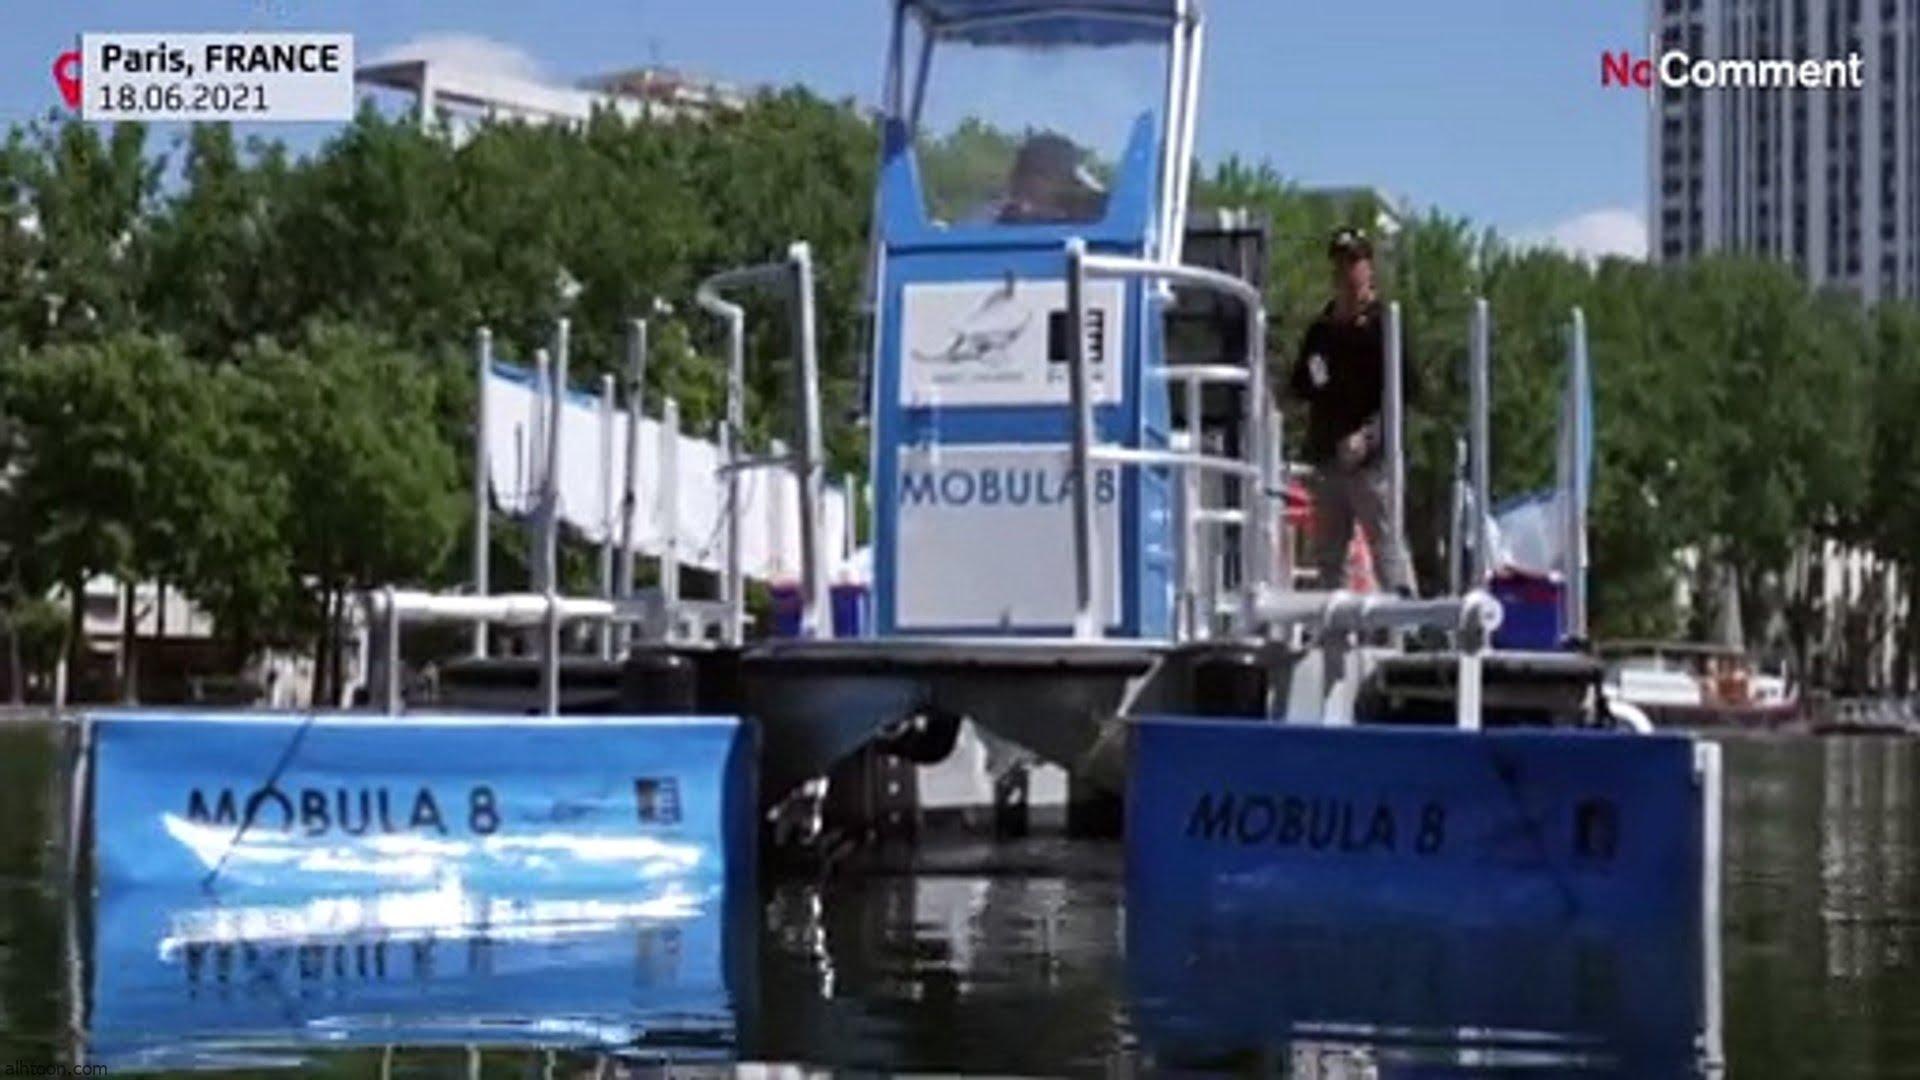 شاهد: مركب لإزالة النفايات من الأنهار - صحيفة هتون الدولية